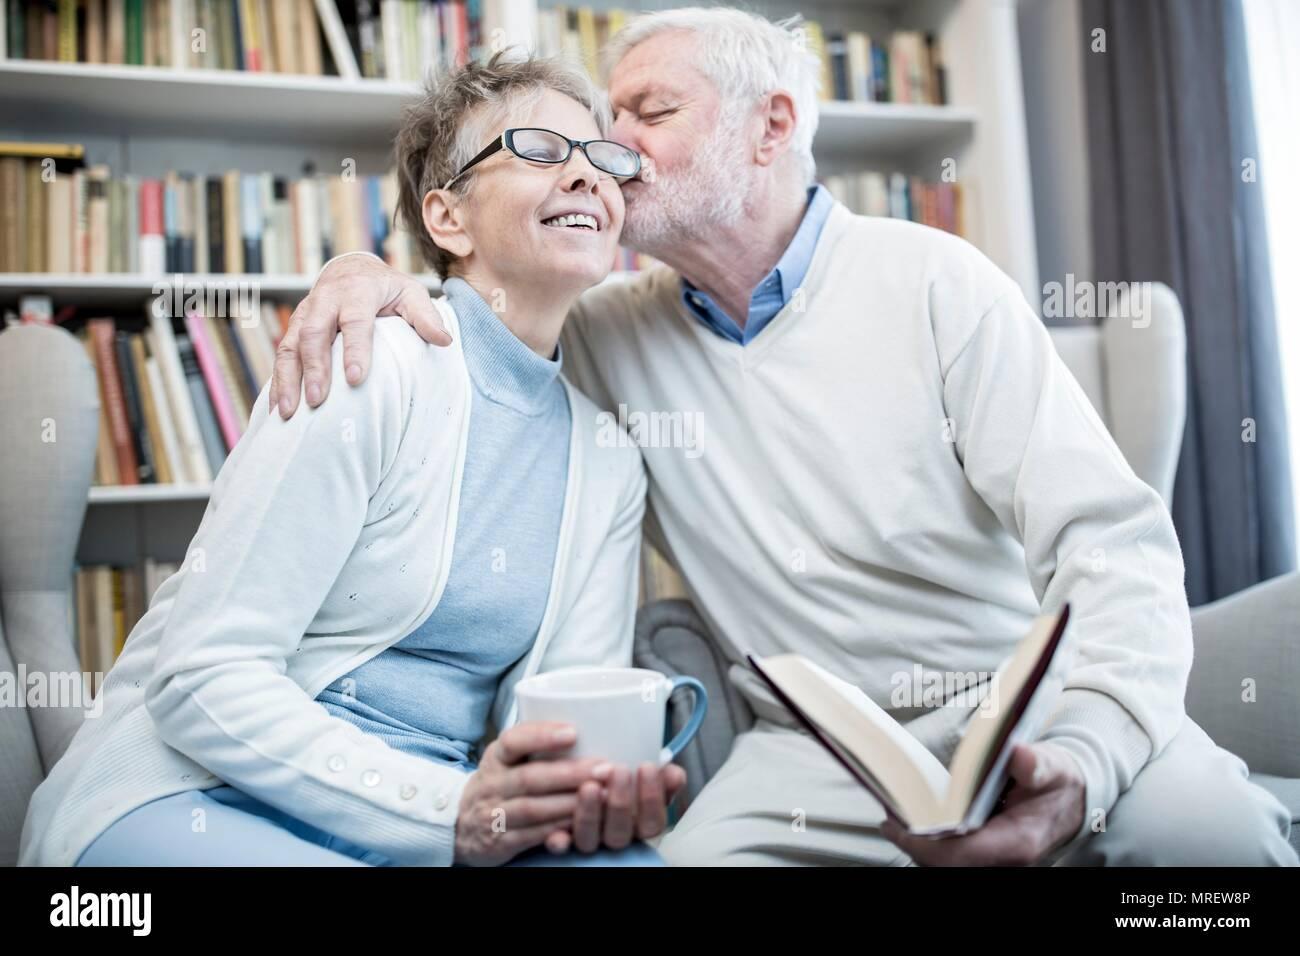 Älterer Mann Frau Küssen auf die Wange mit Arm um sie. Stockfoto